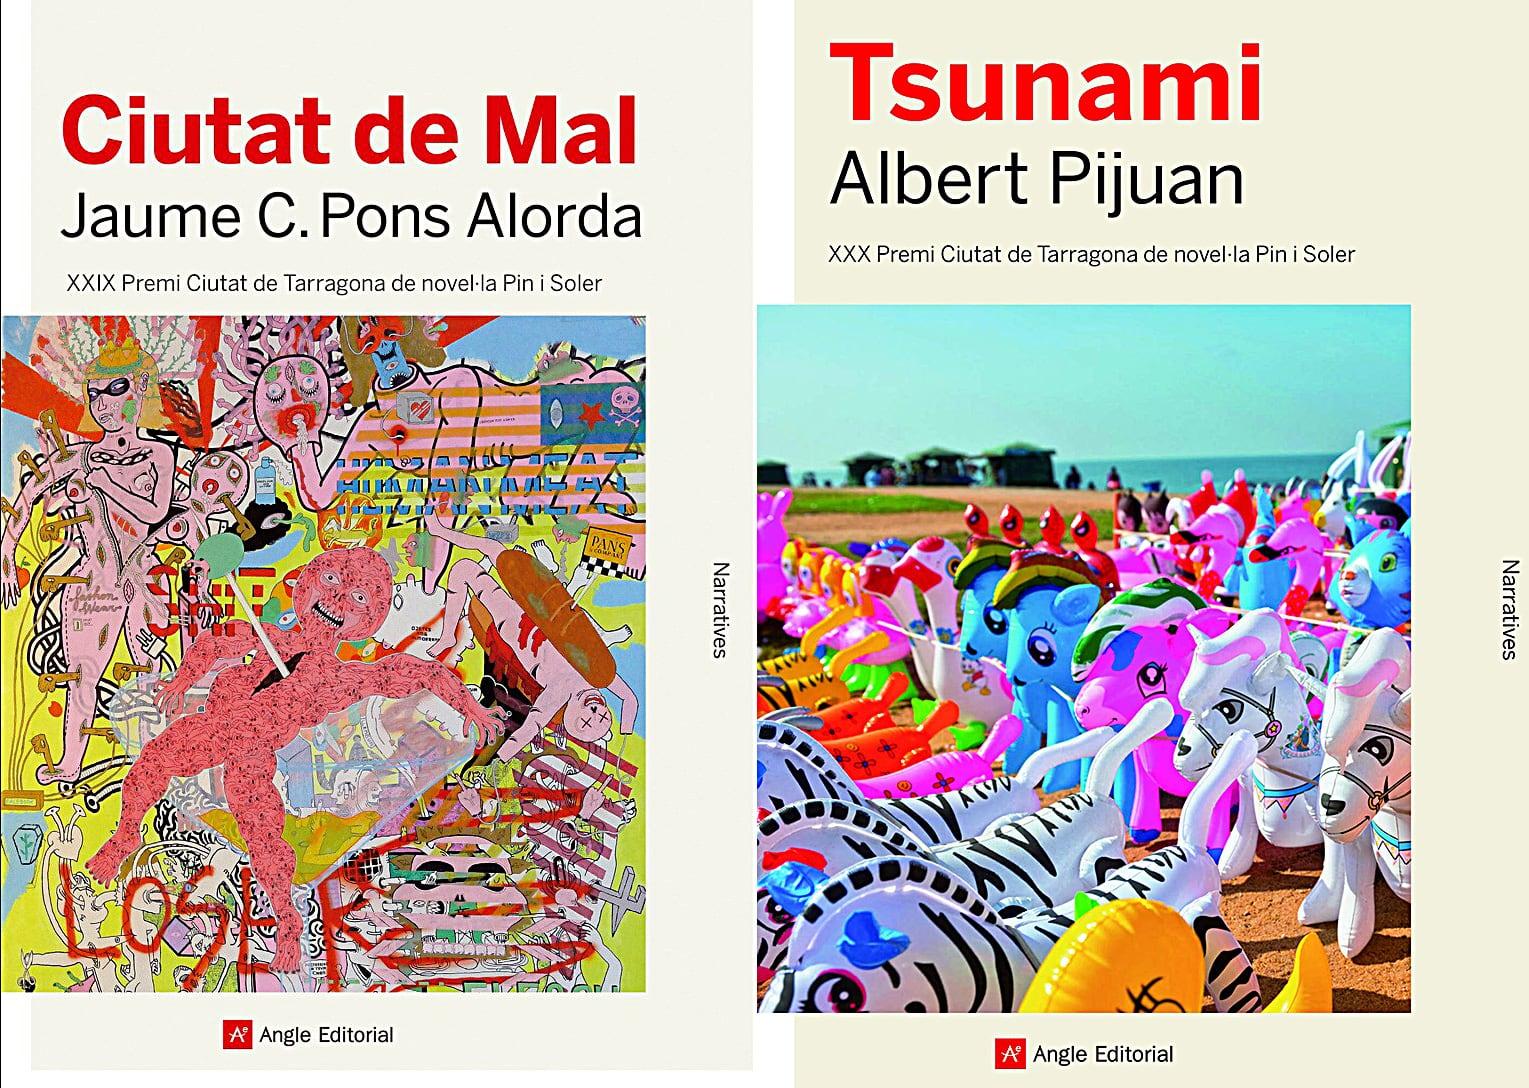 Ciutat de Mal de Jaume C. Pons Alorda i Tsunami d'Albert Pijuan.